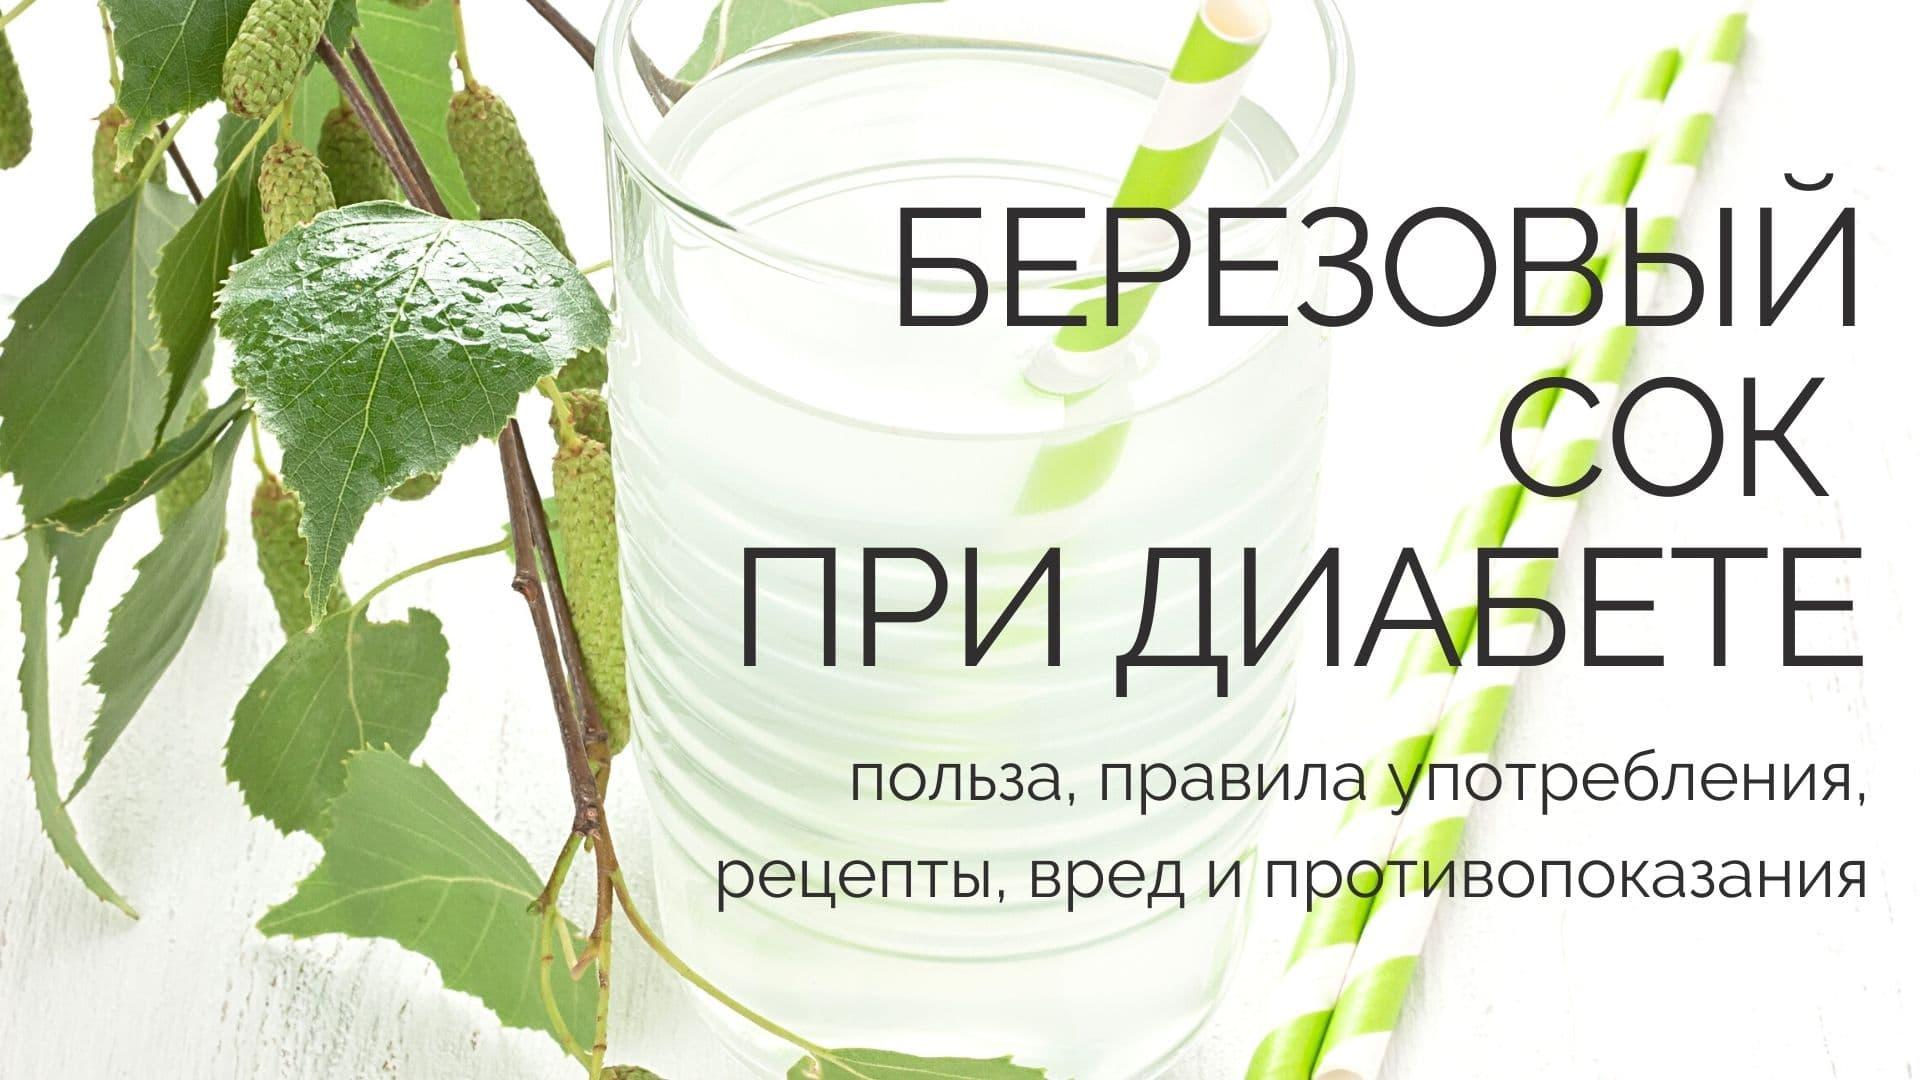 Березовый сок при диабете: польза, правила употребления, рецепты, вред и противопоказания